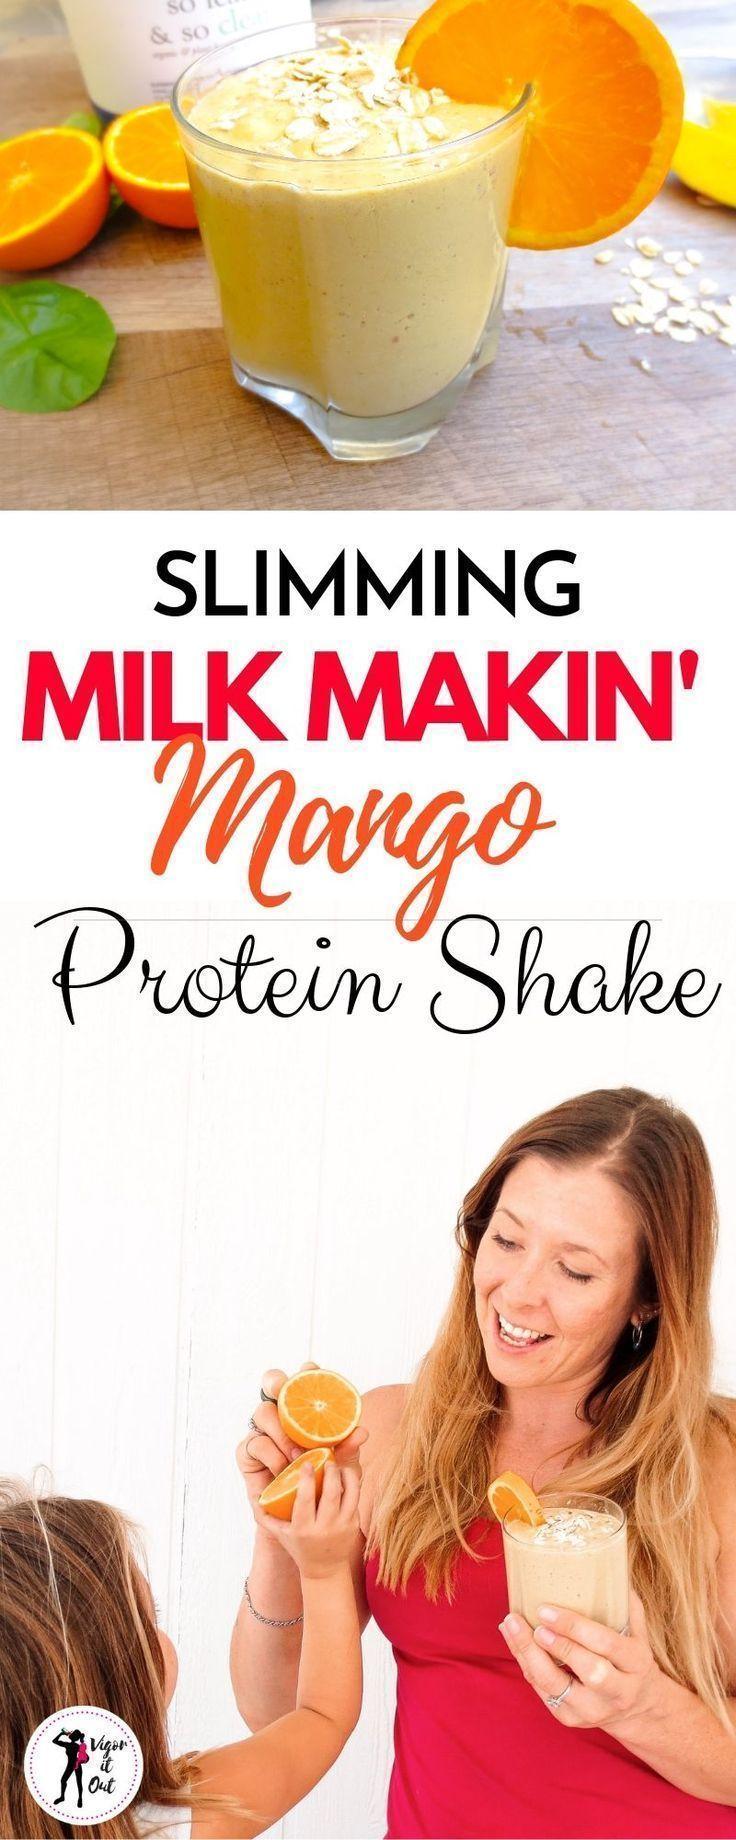 #Increase #LACTATION #mango #Milk #Protein #protein shake to l -  #Increase #LACTATION #mango #Milk #Protein #protein shake to l  - #increase #lactation #mango #milk #plätzchenzumstillen #protein #shake